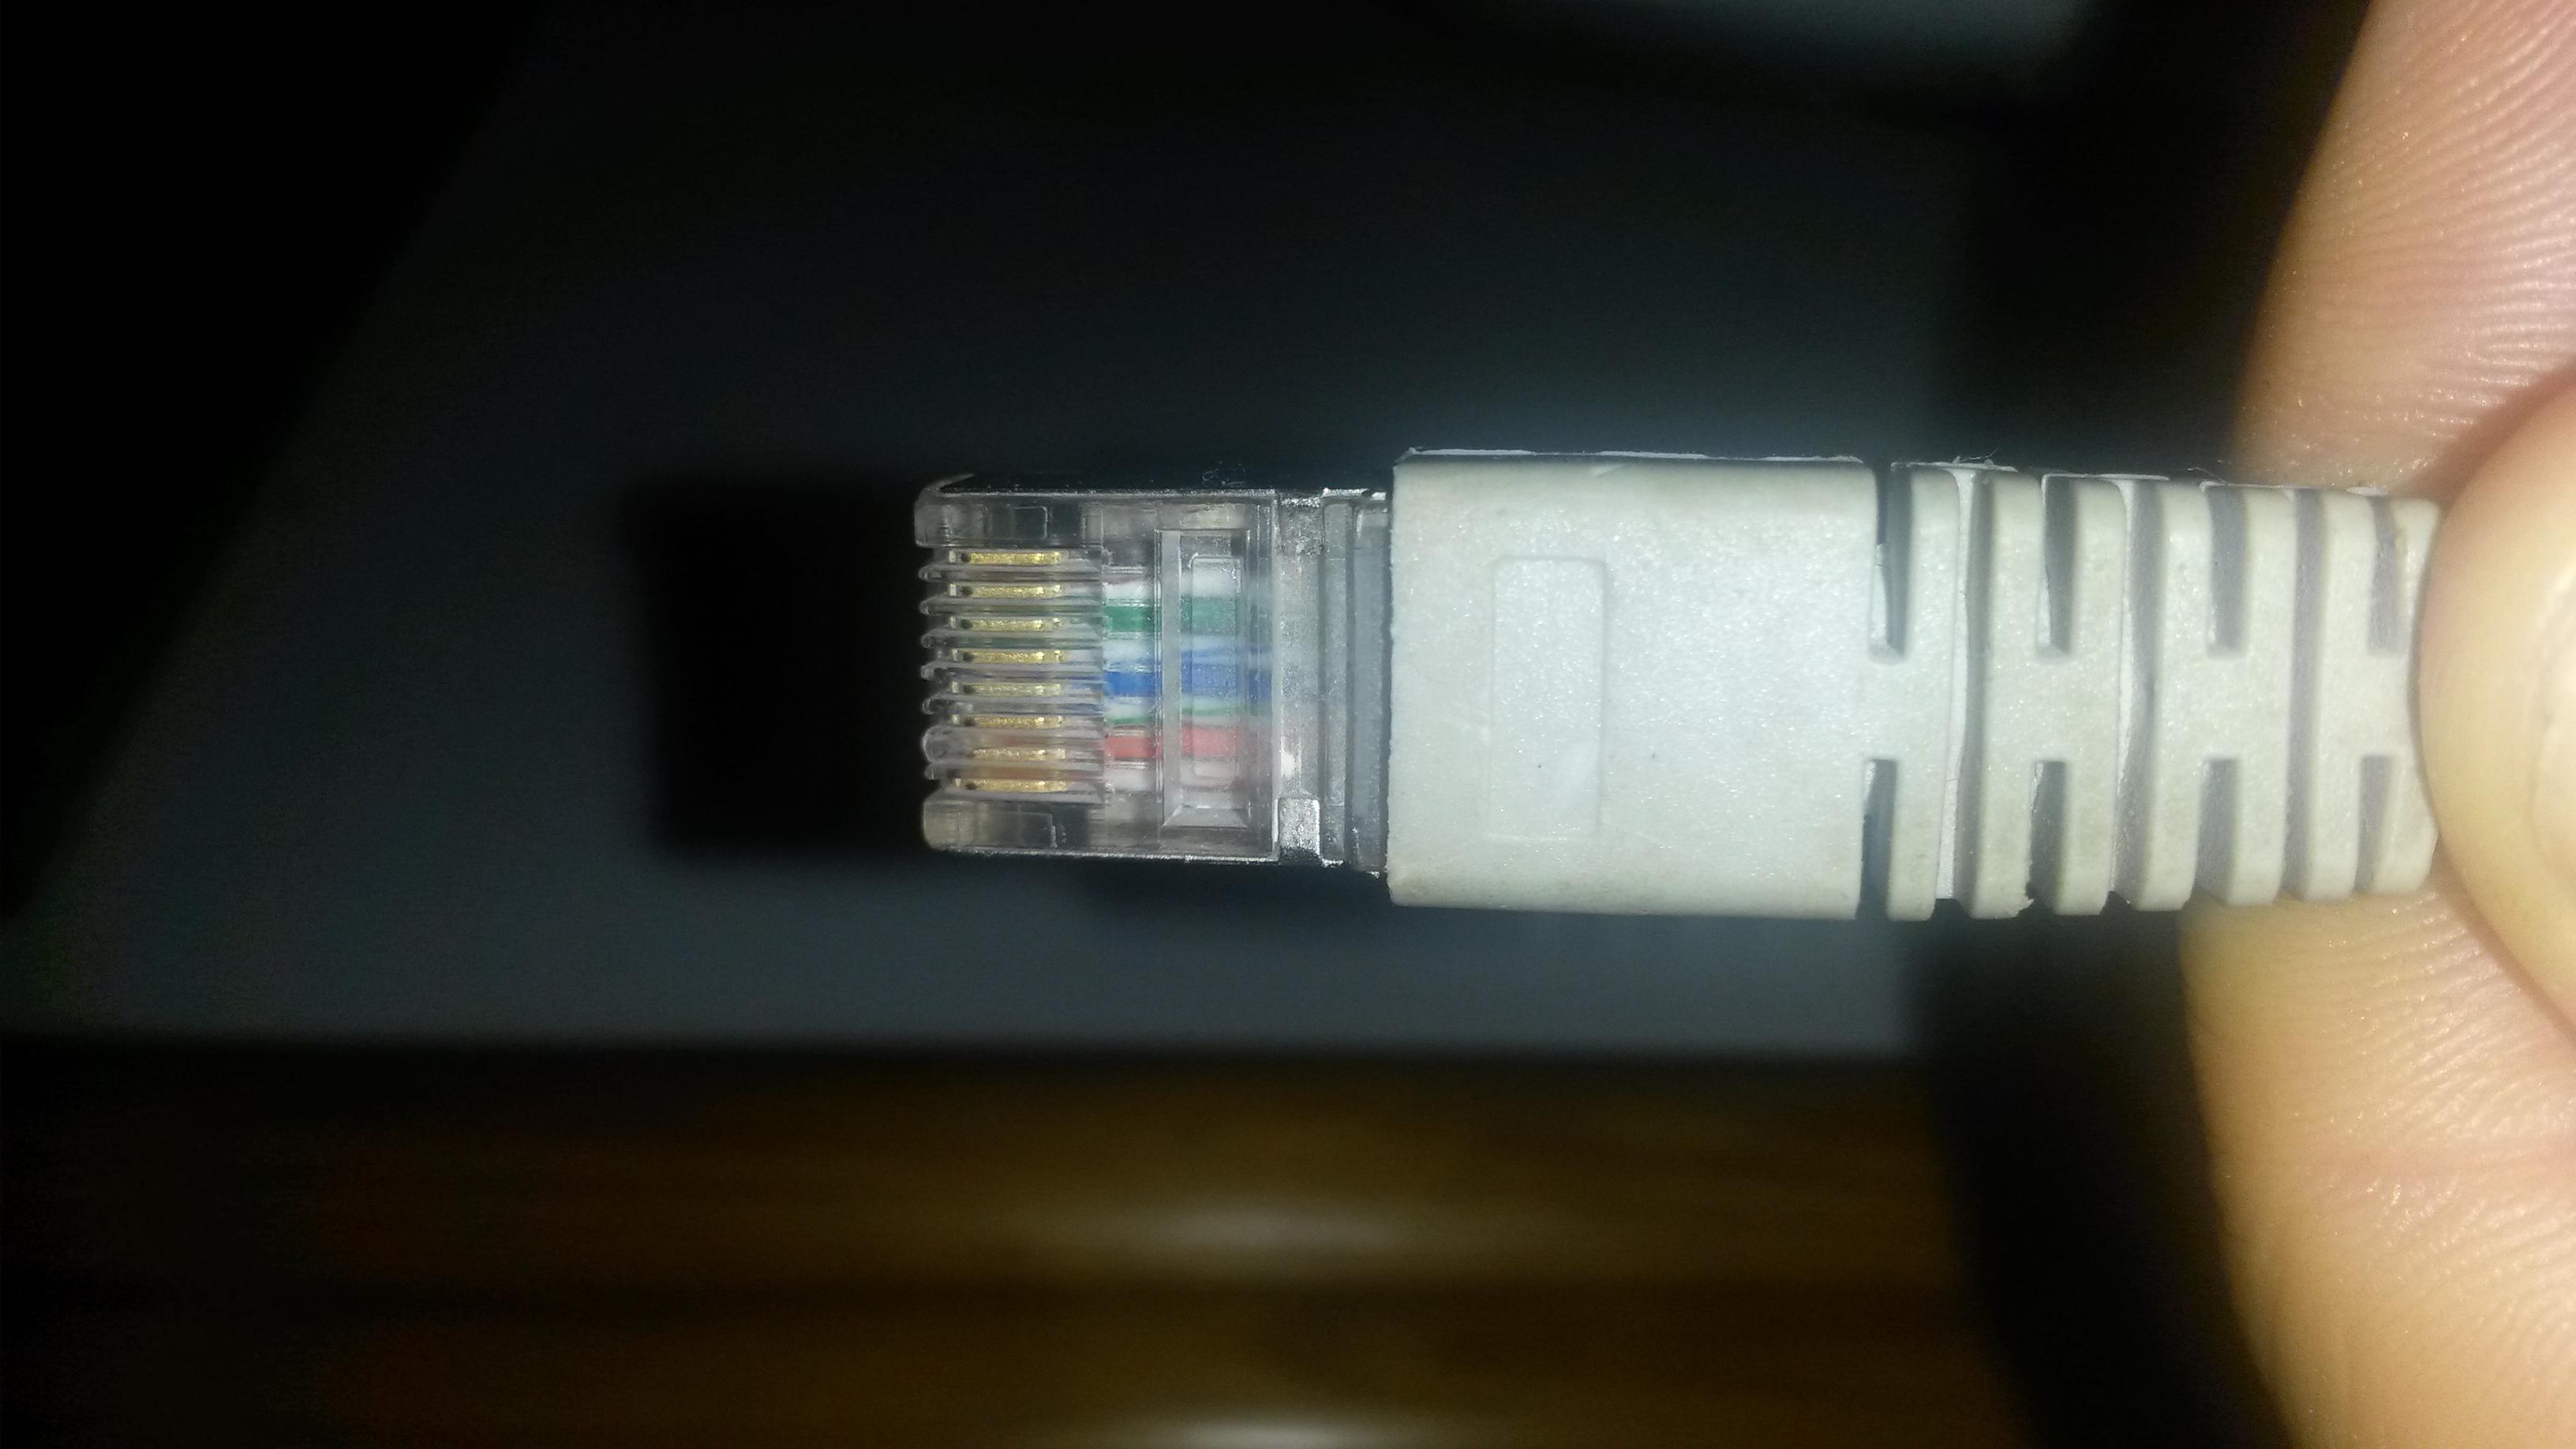 Fantastisch Ethernet Kabel Schaltplan Anleitung Zeitgenössisch - Der ...